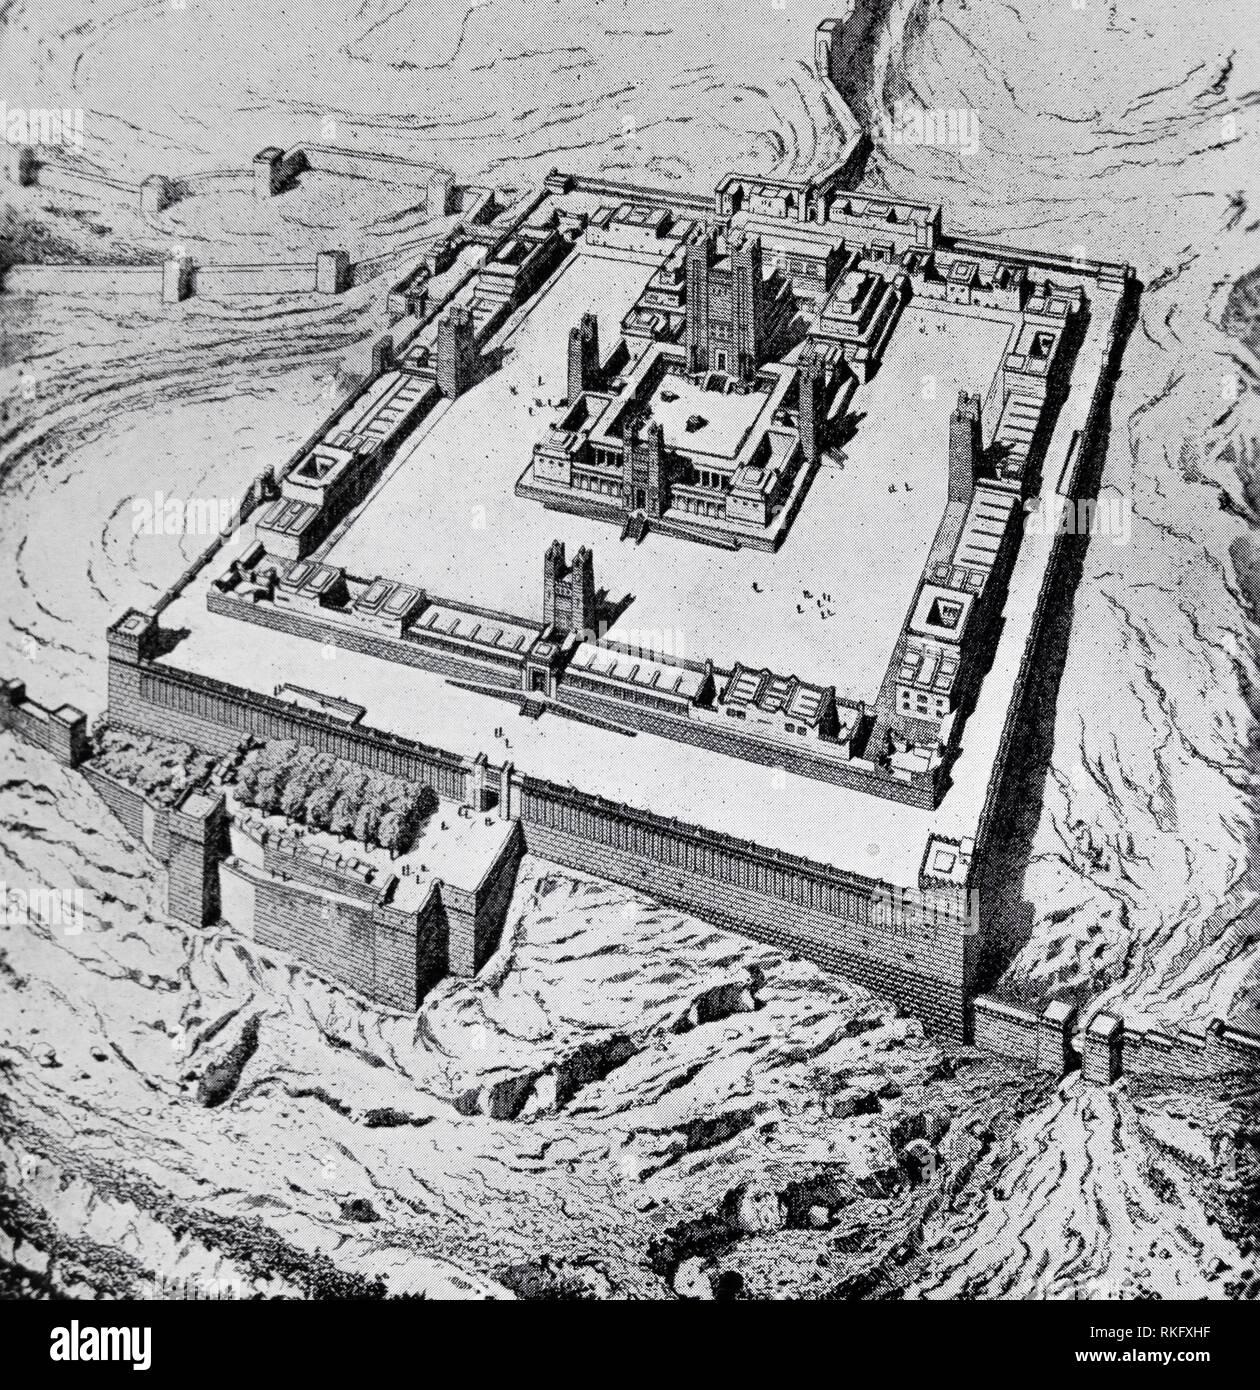 Temple de Jérusalem.Le Temple de Jérusalem a été tout d'une série de structures qui étaient situées sur le mont du Temple dans la vieille ville de Jérusalem, Photo Stock